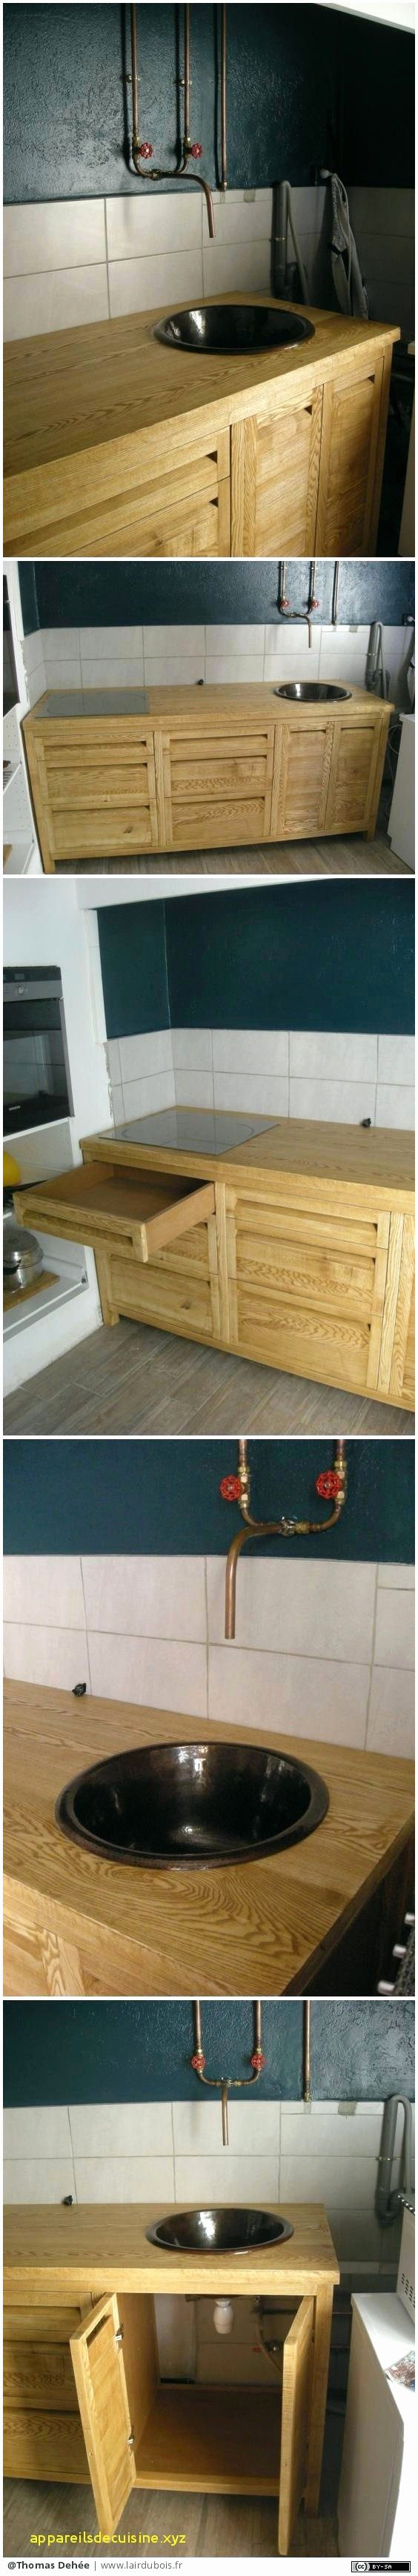 Lit Pas Cher Ikea Inspiré Lit Armoire Pas Cher Inspirierend 30 Superbe Lit Armoir Sur Un Bud